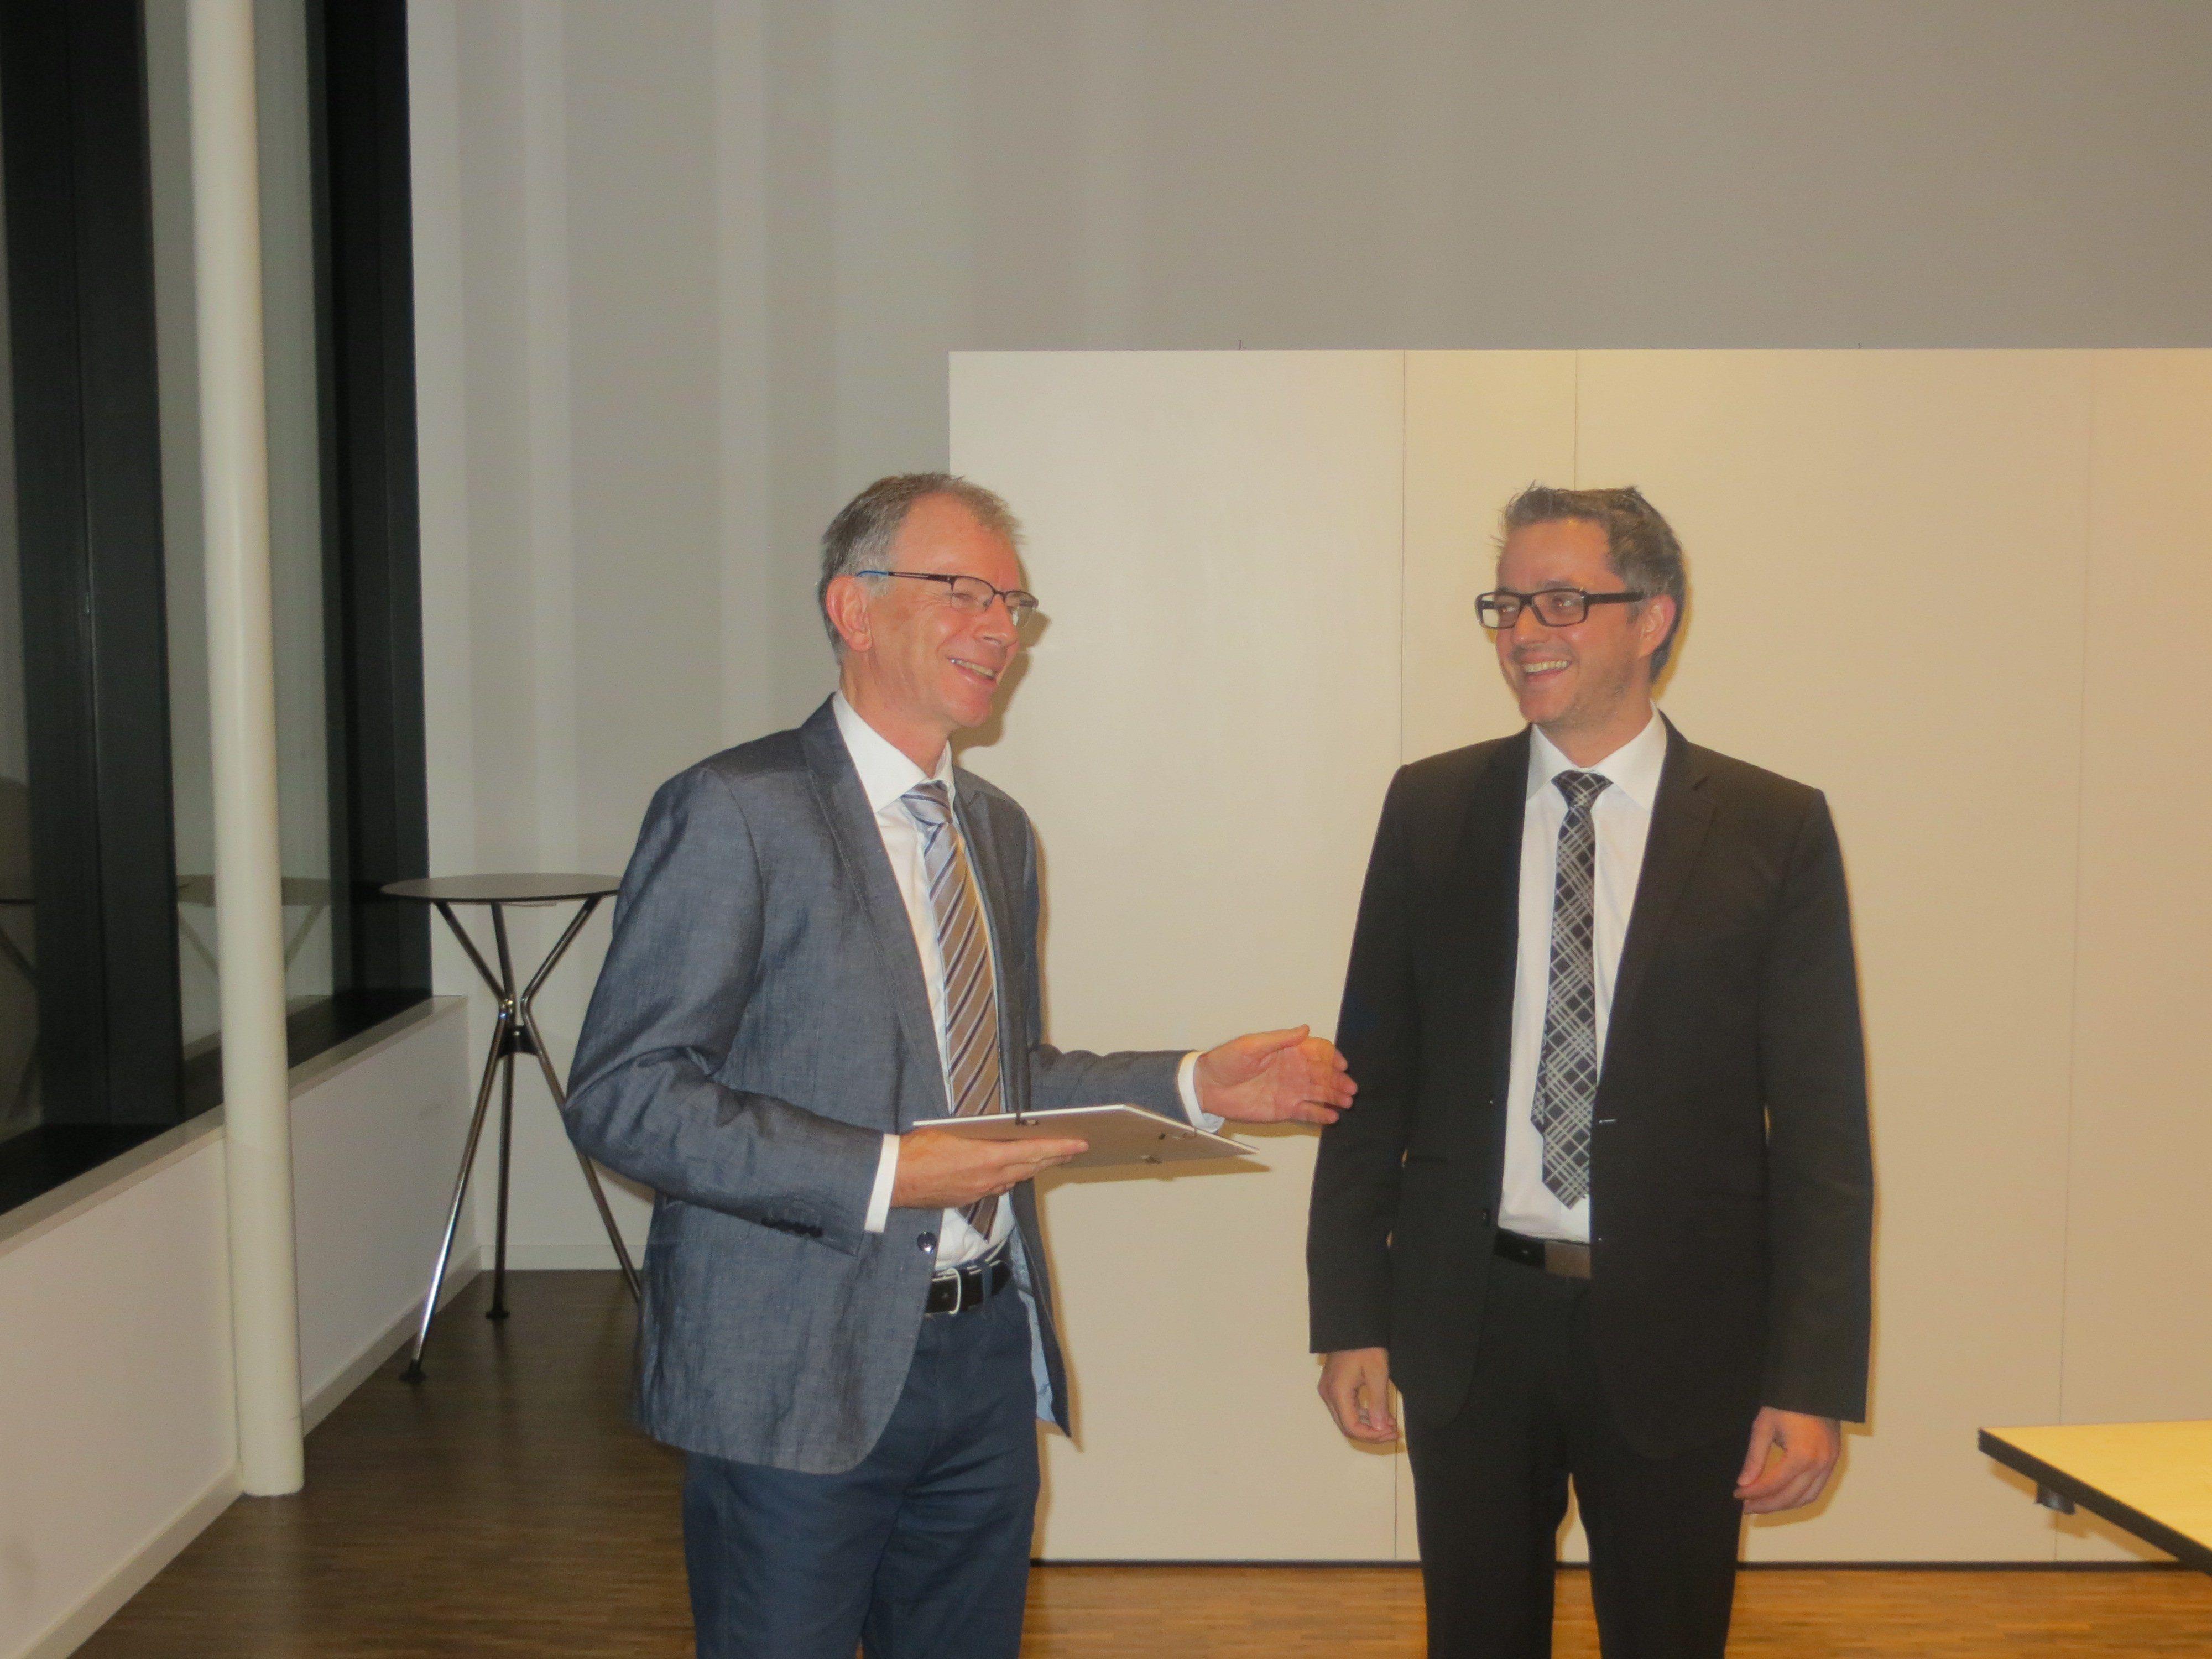 Prim. Univ.-Doz. Dr. Karl Lhotta, Präsident der GÄV, und Dr. Philipp Rein bei der Preisverleihung.